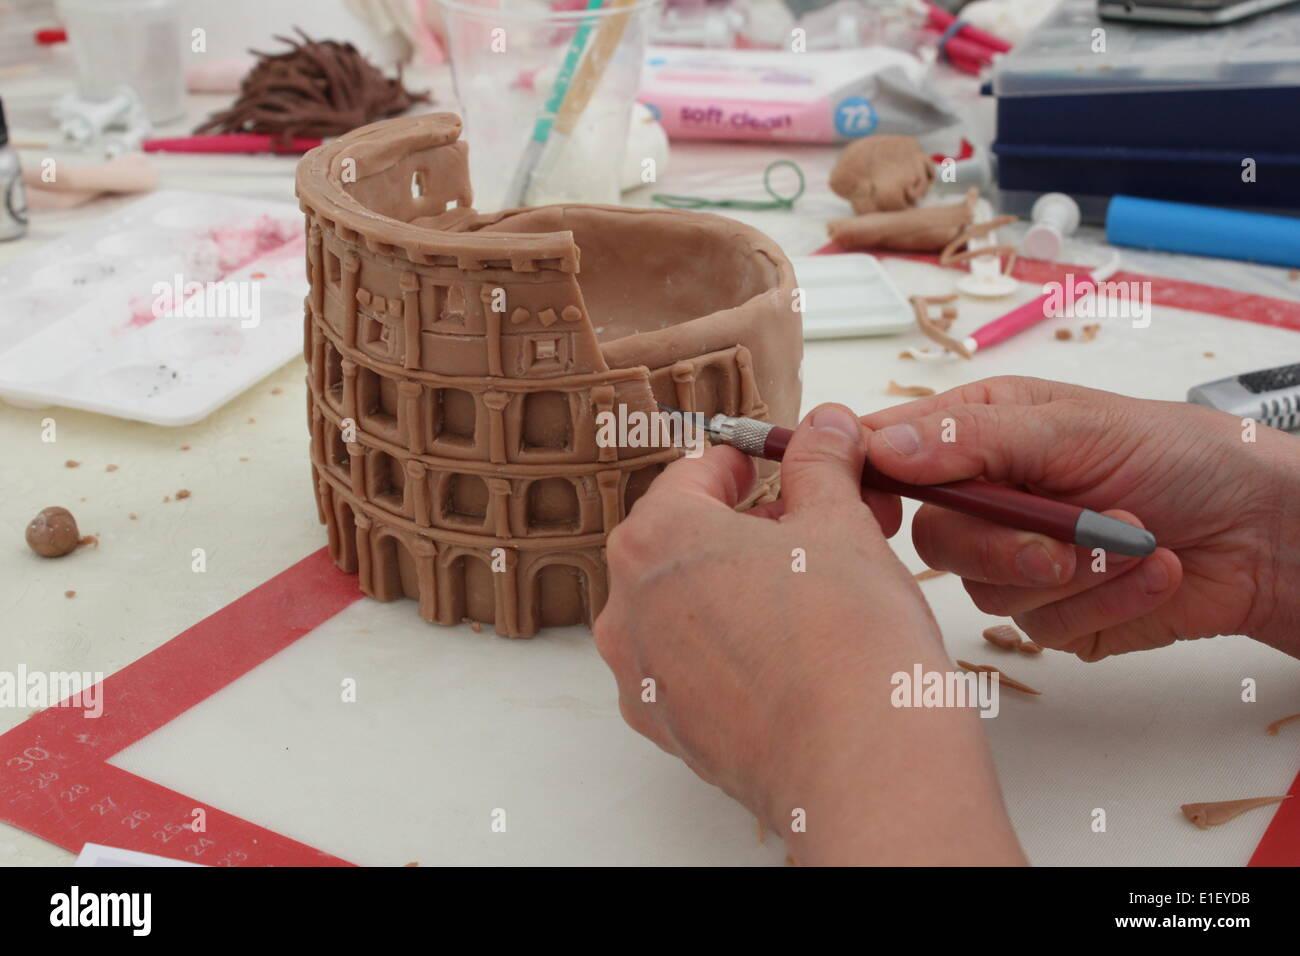 Cake Design Show Roma : Rome, Italy 1st June 2014 Cake Design Italian Festival ...